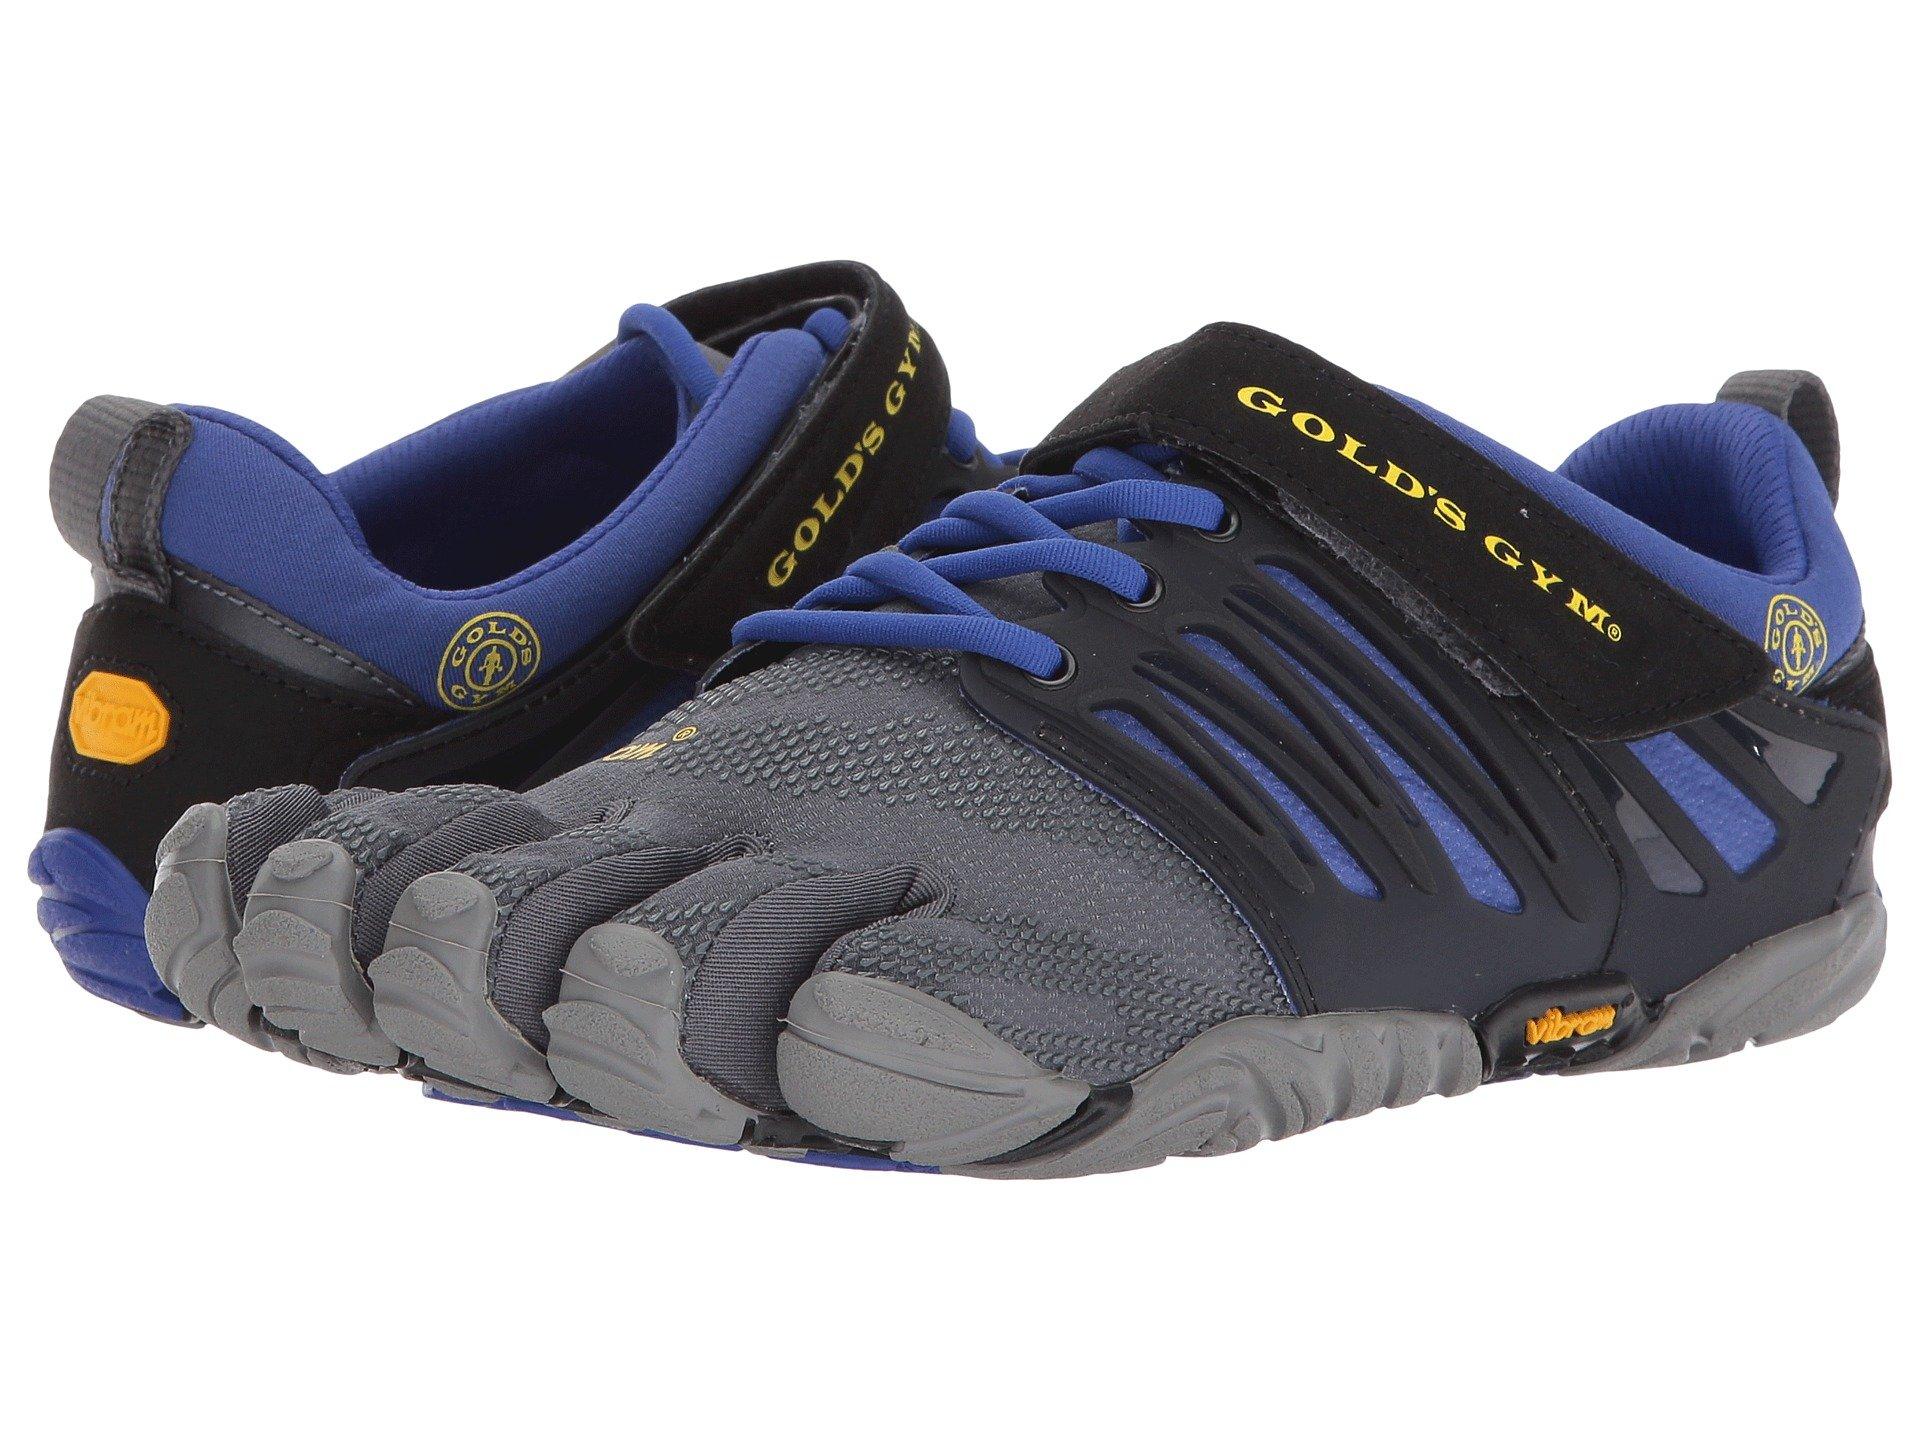 designer fashion 367db 3697b Black Grey Reflex Blue